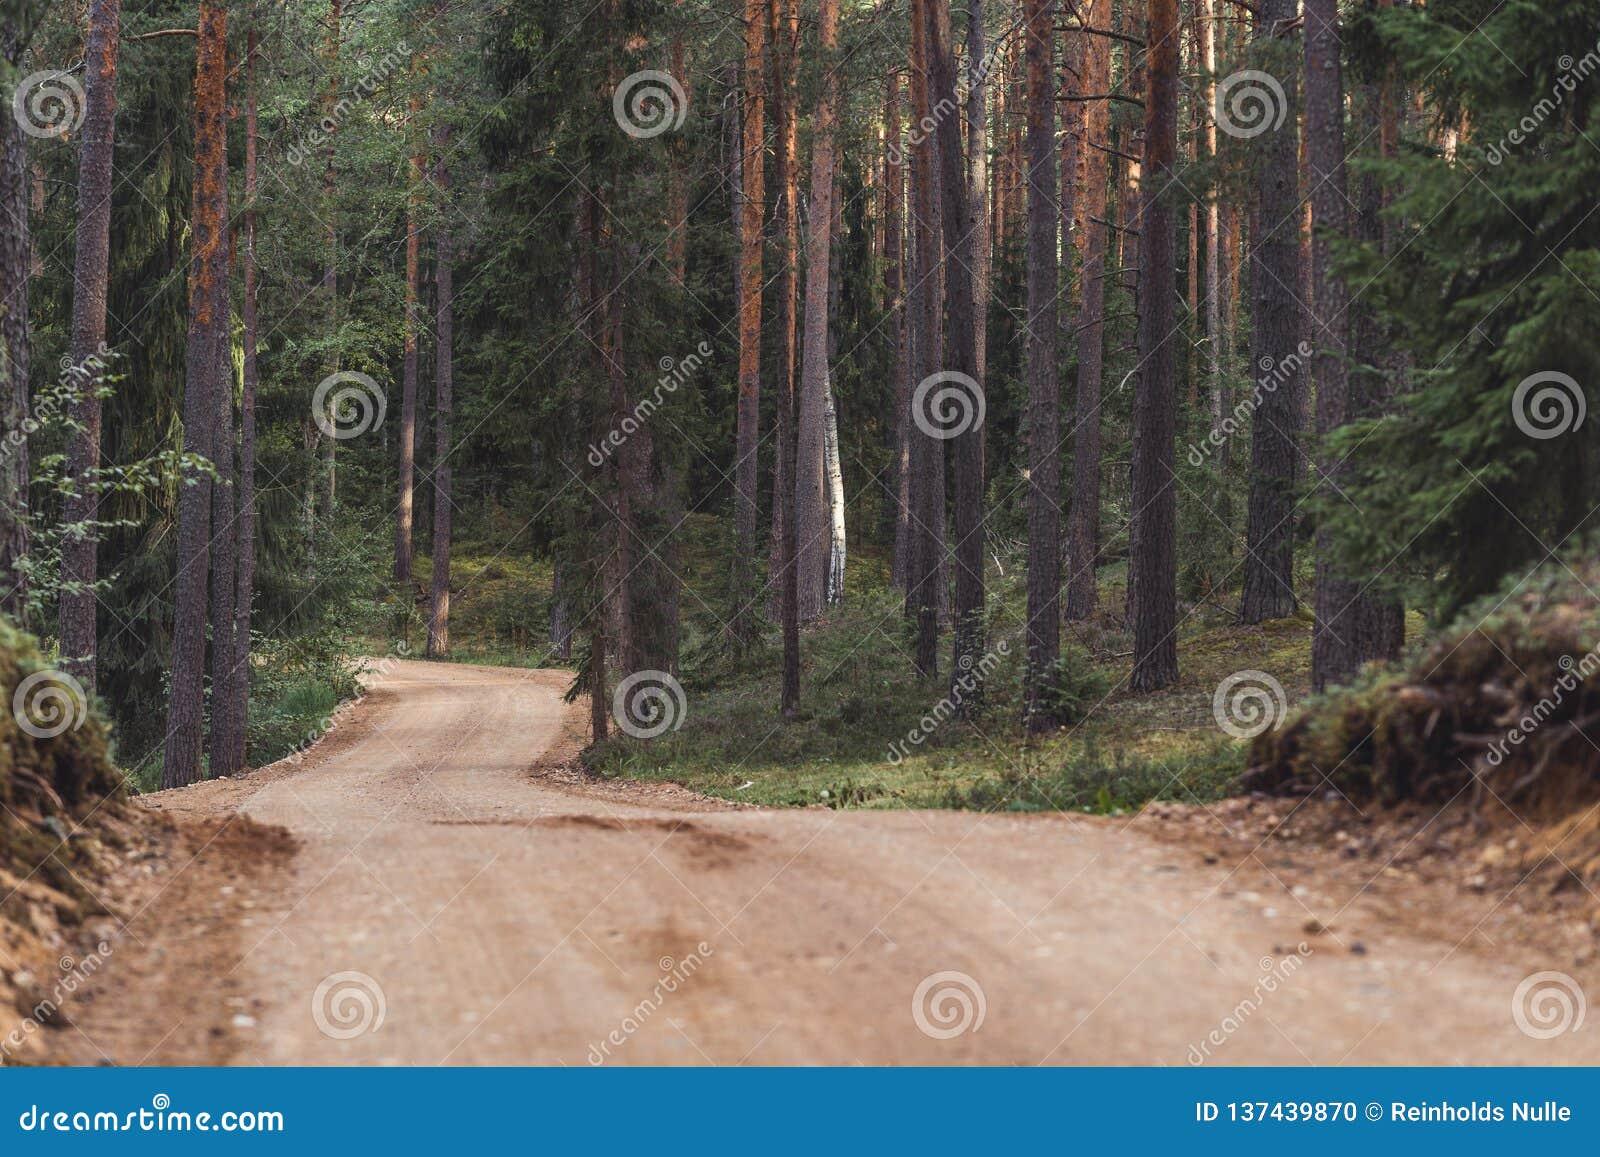 Opinião Forest Road Tourist Hiking Path, direção mais profunda nas madeiras em Sunny Summer Day, imagem em parte borrada com livr